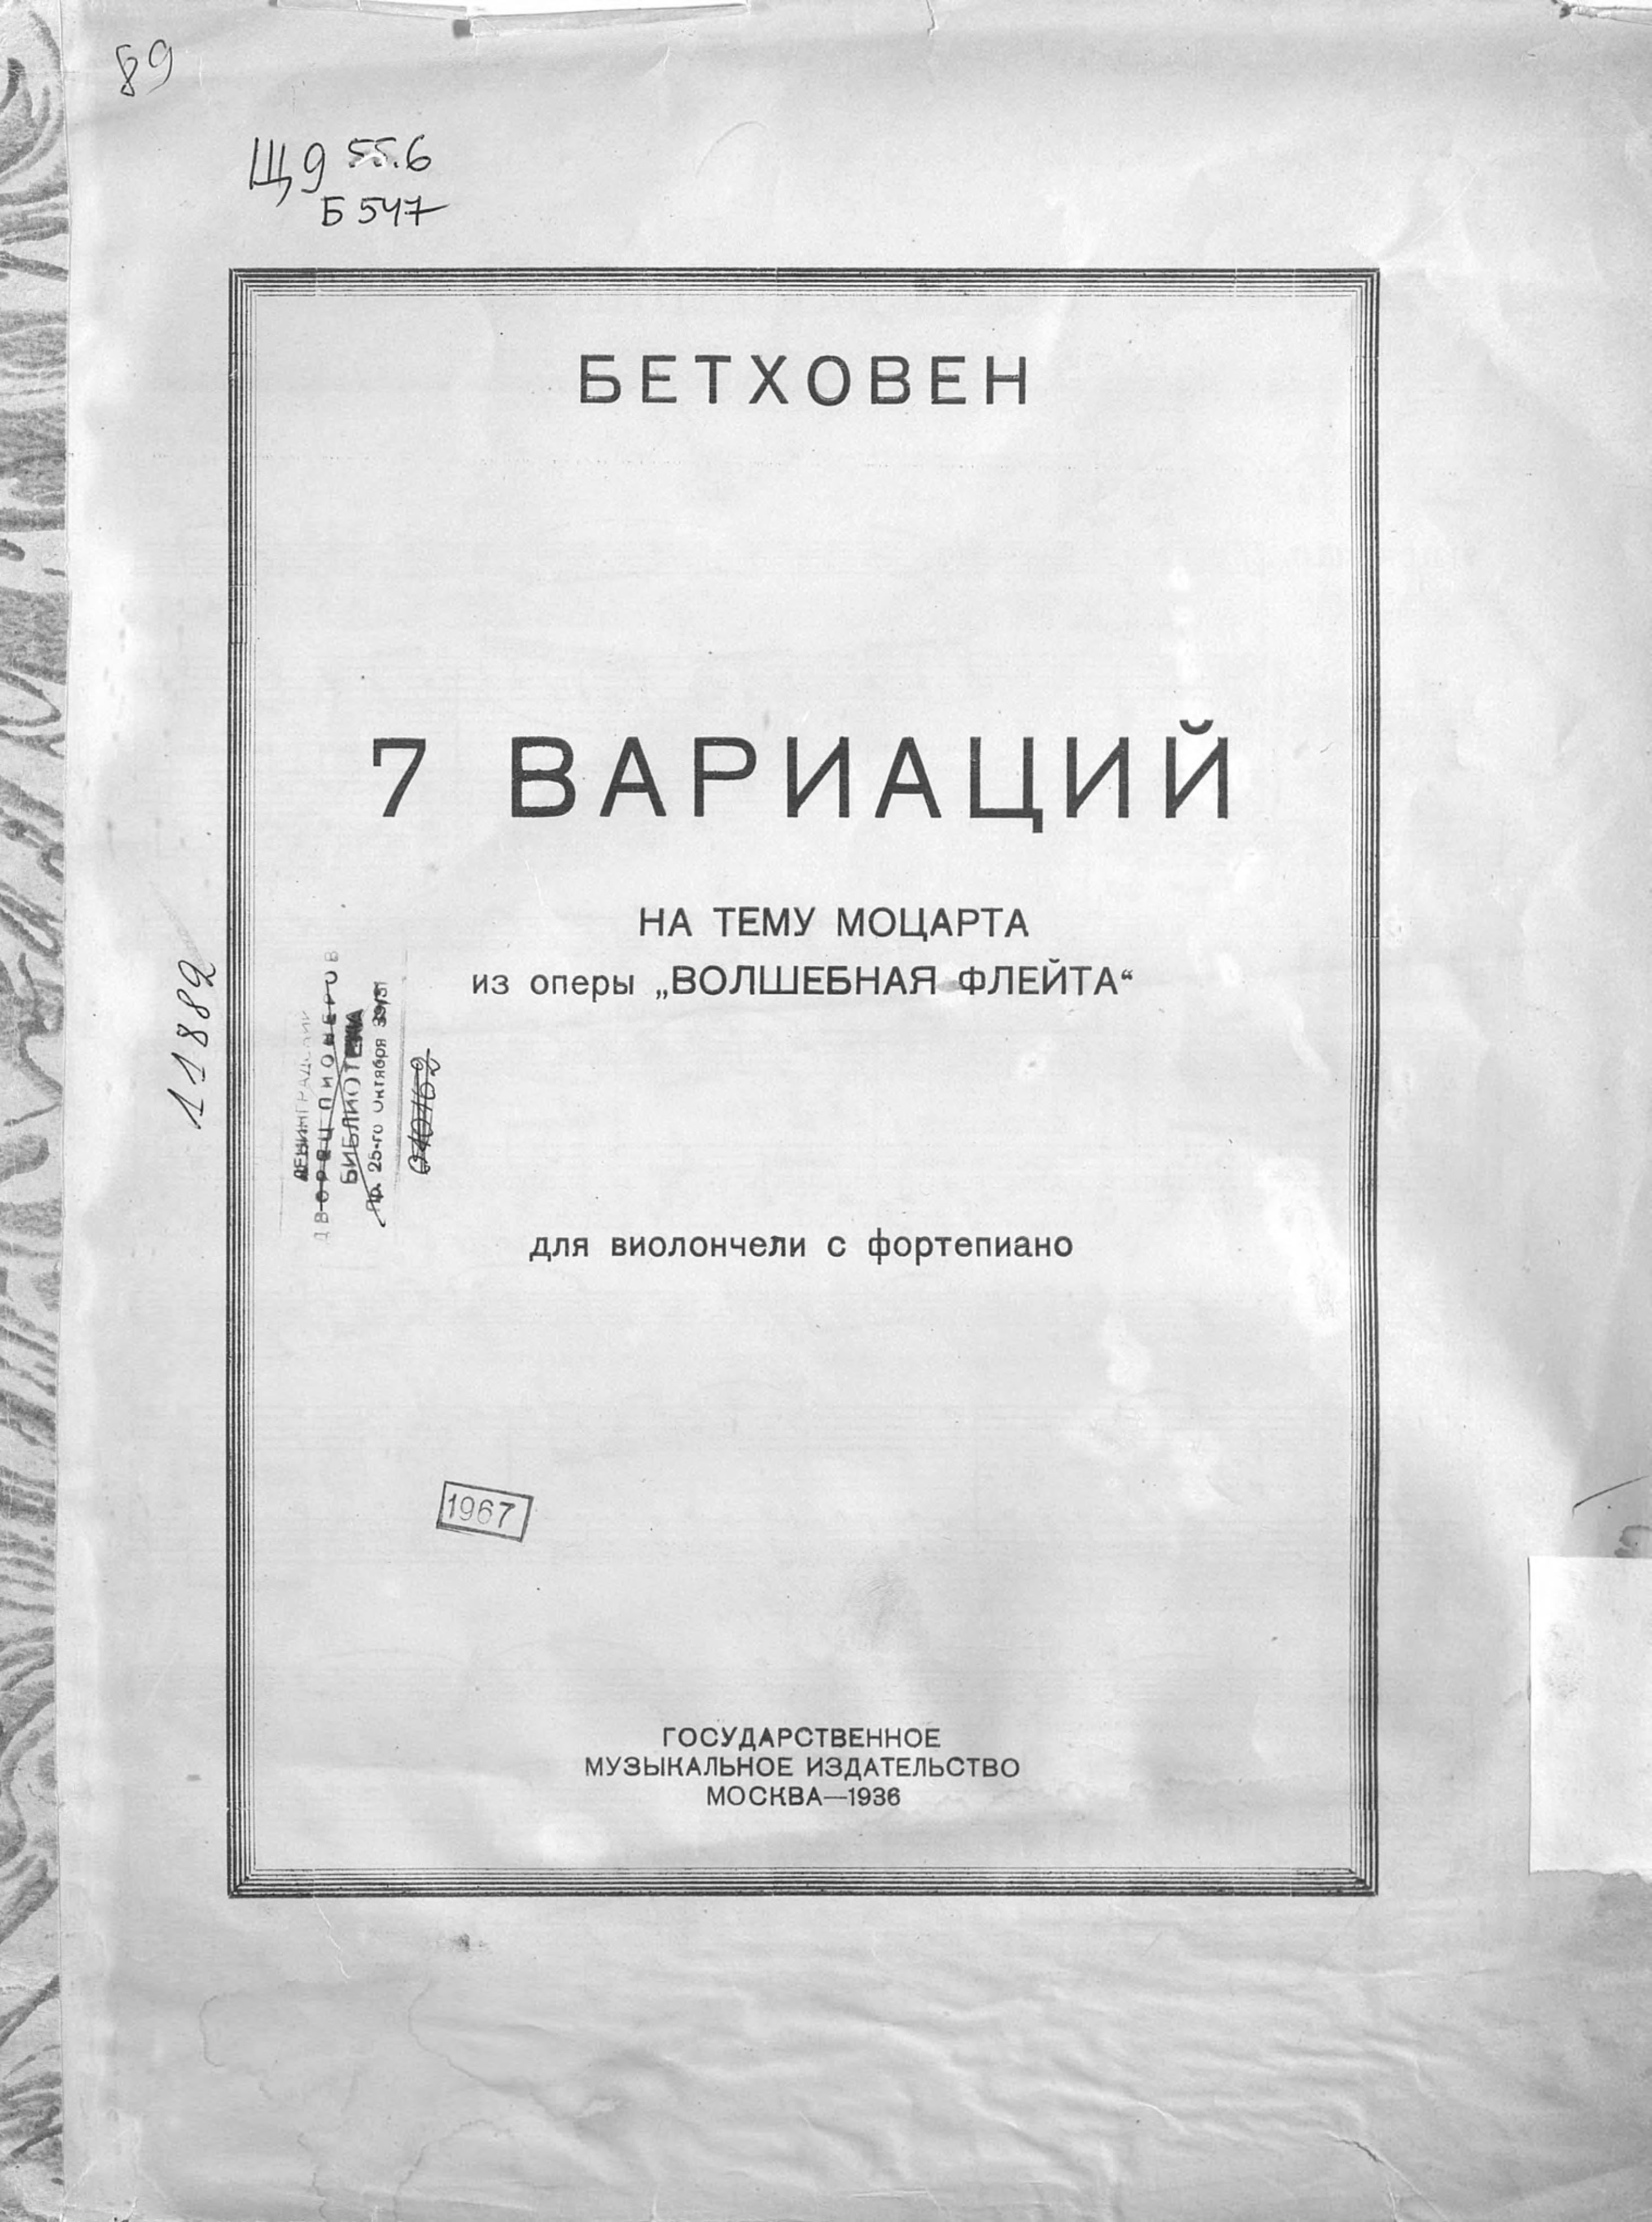 Людвиг ван Бетховен 7 вариаций на тему Моцарта из оперы Волшебная флейта для виолончели с фортепиано николай александрович соколов шесть романсов для пения виолончели и фортепиано